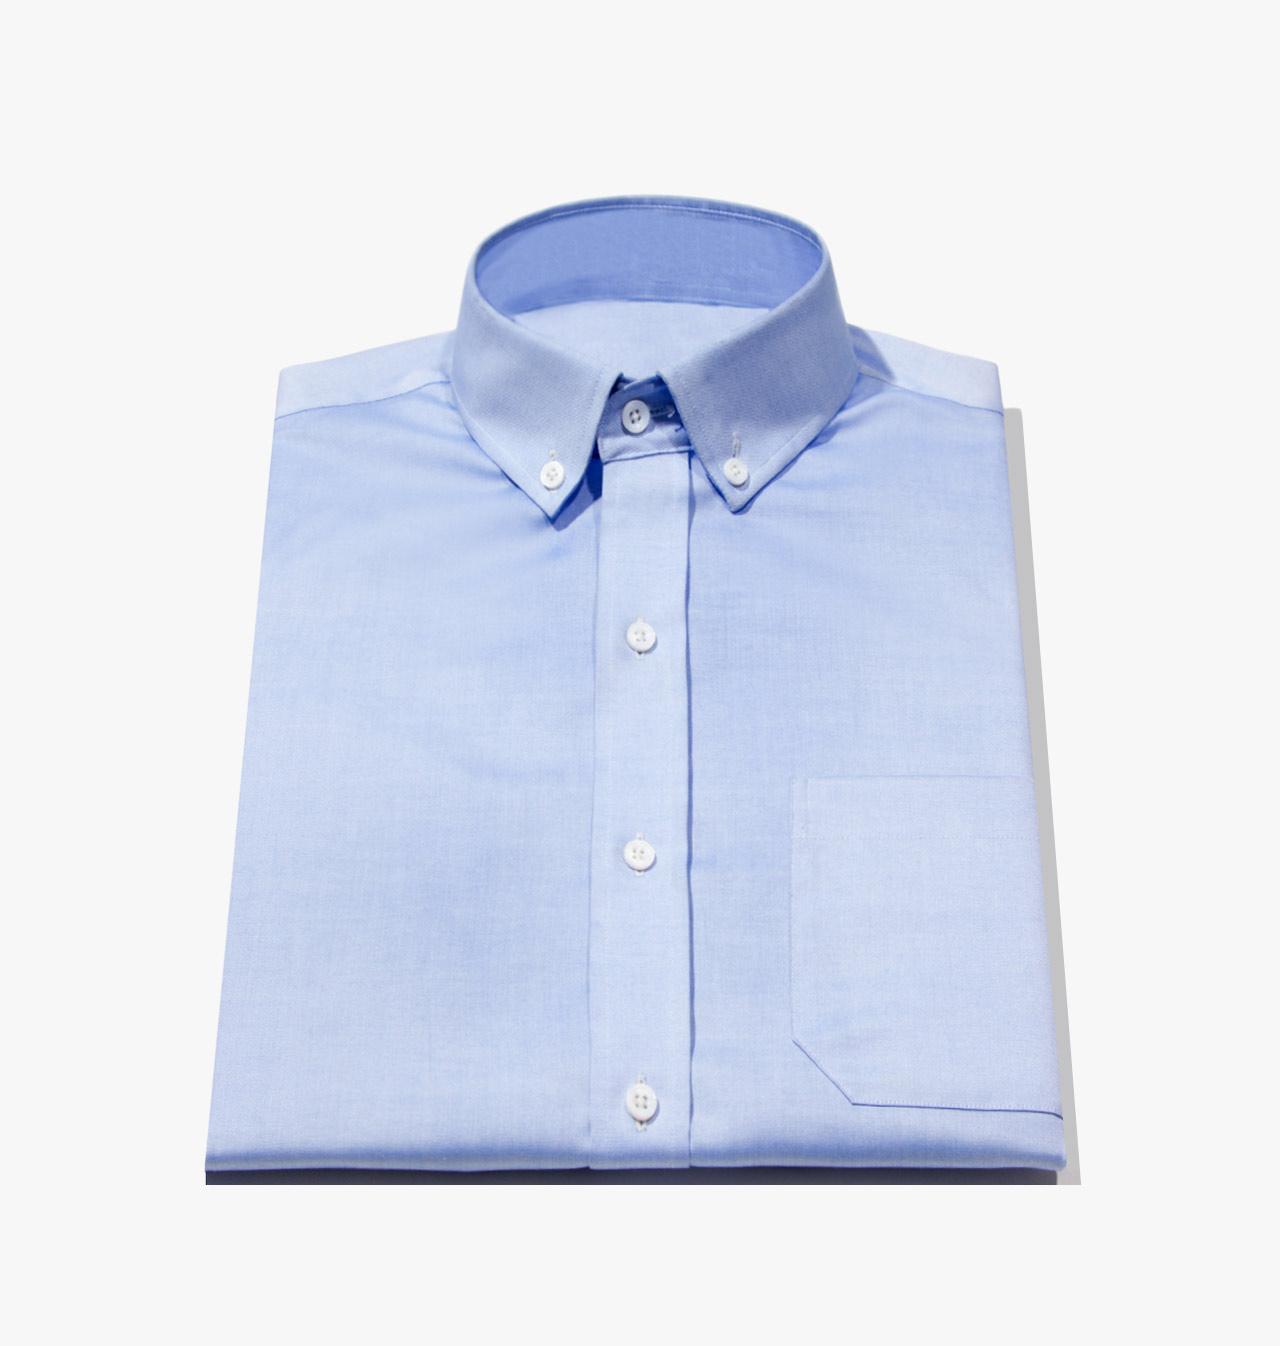 Mens Tailor Made Blue Lightweight Oxford Dress Shirt 1232